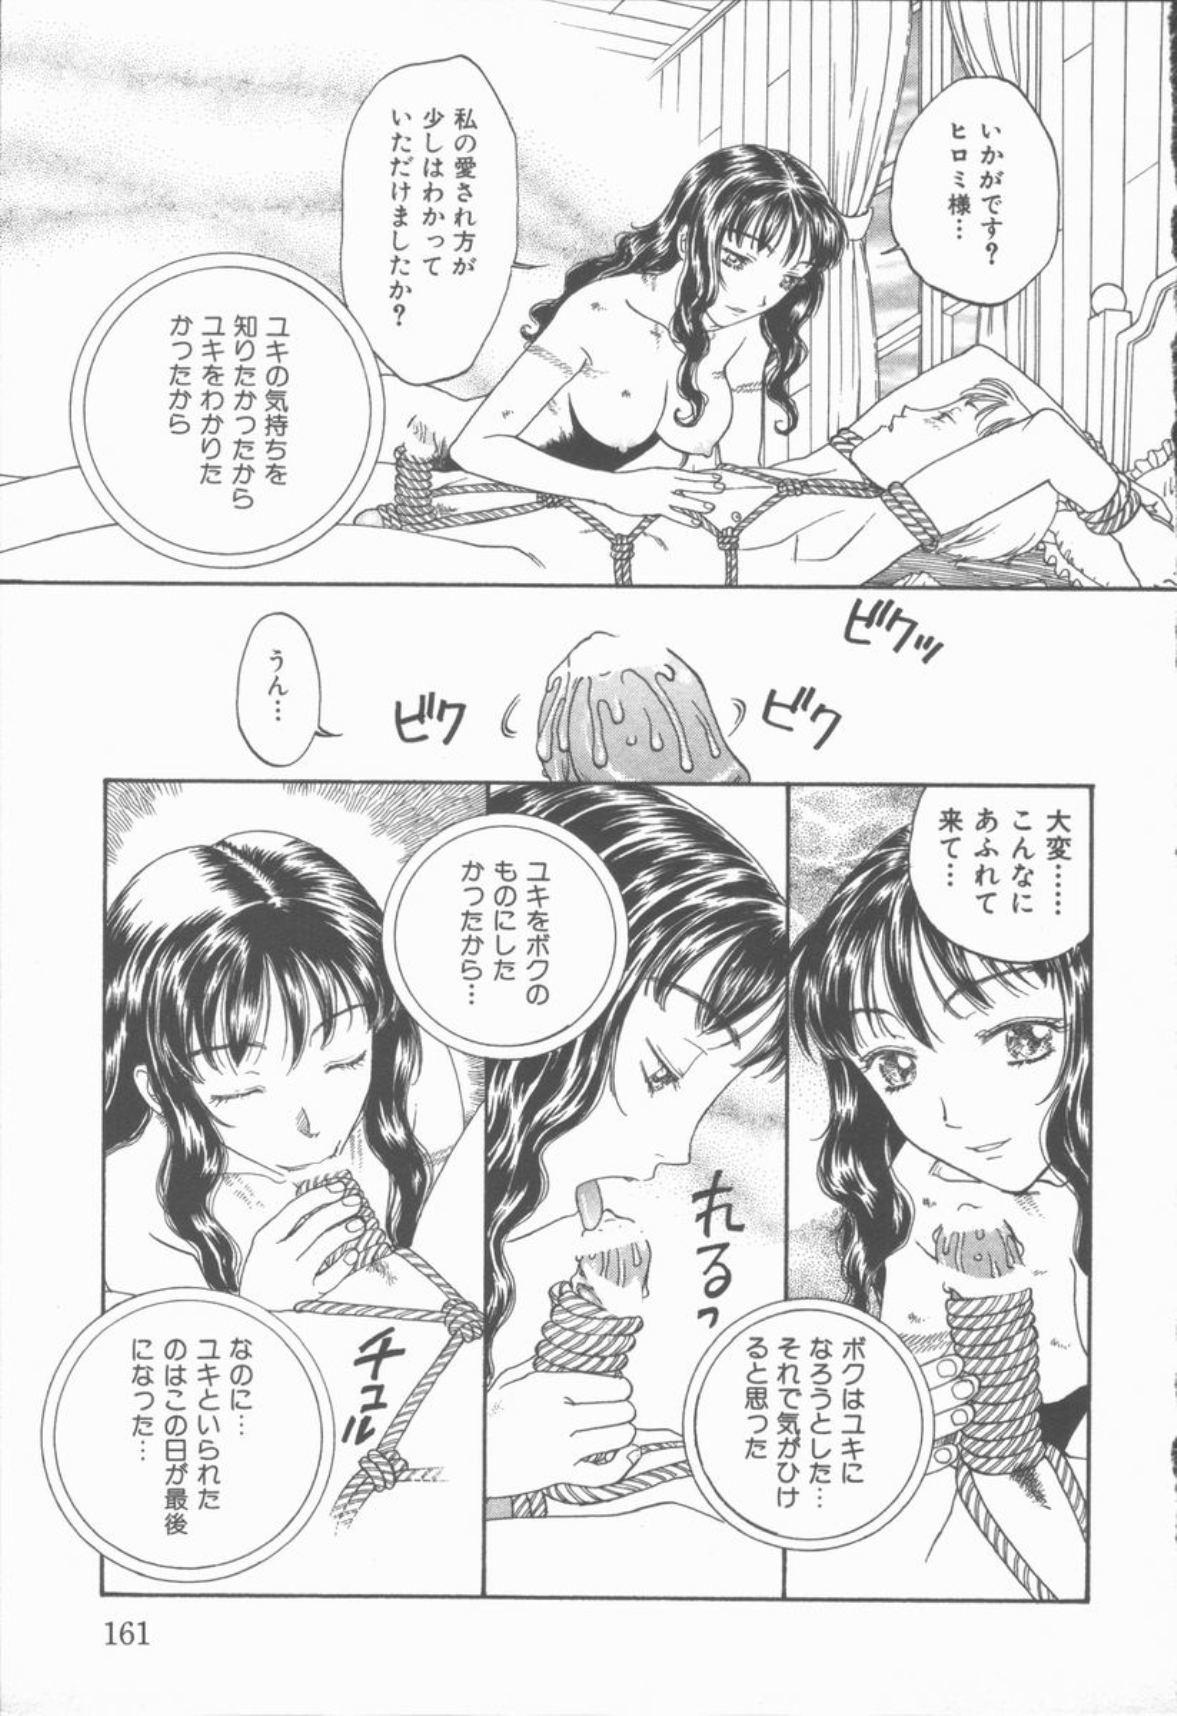 Inma no Sumu Yakata 161